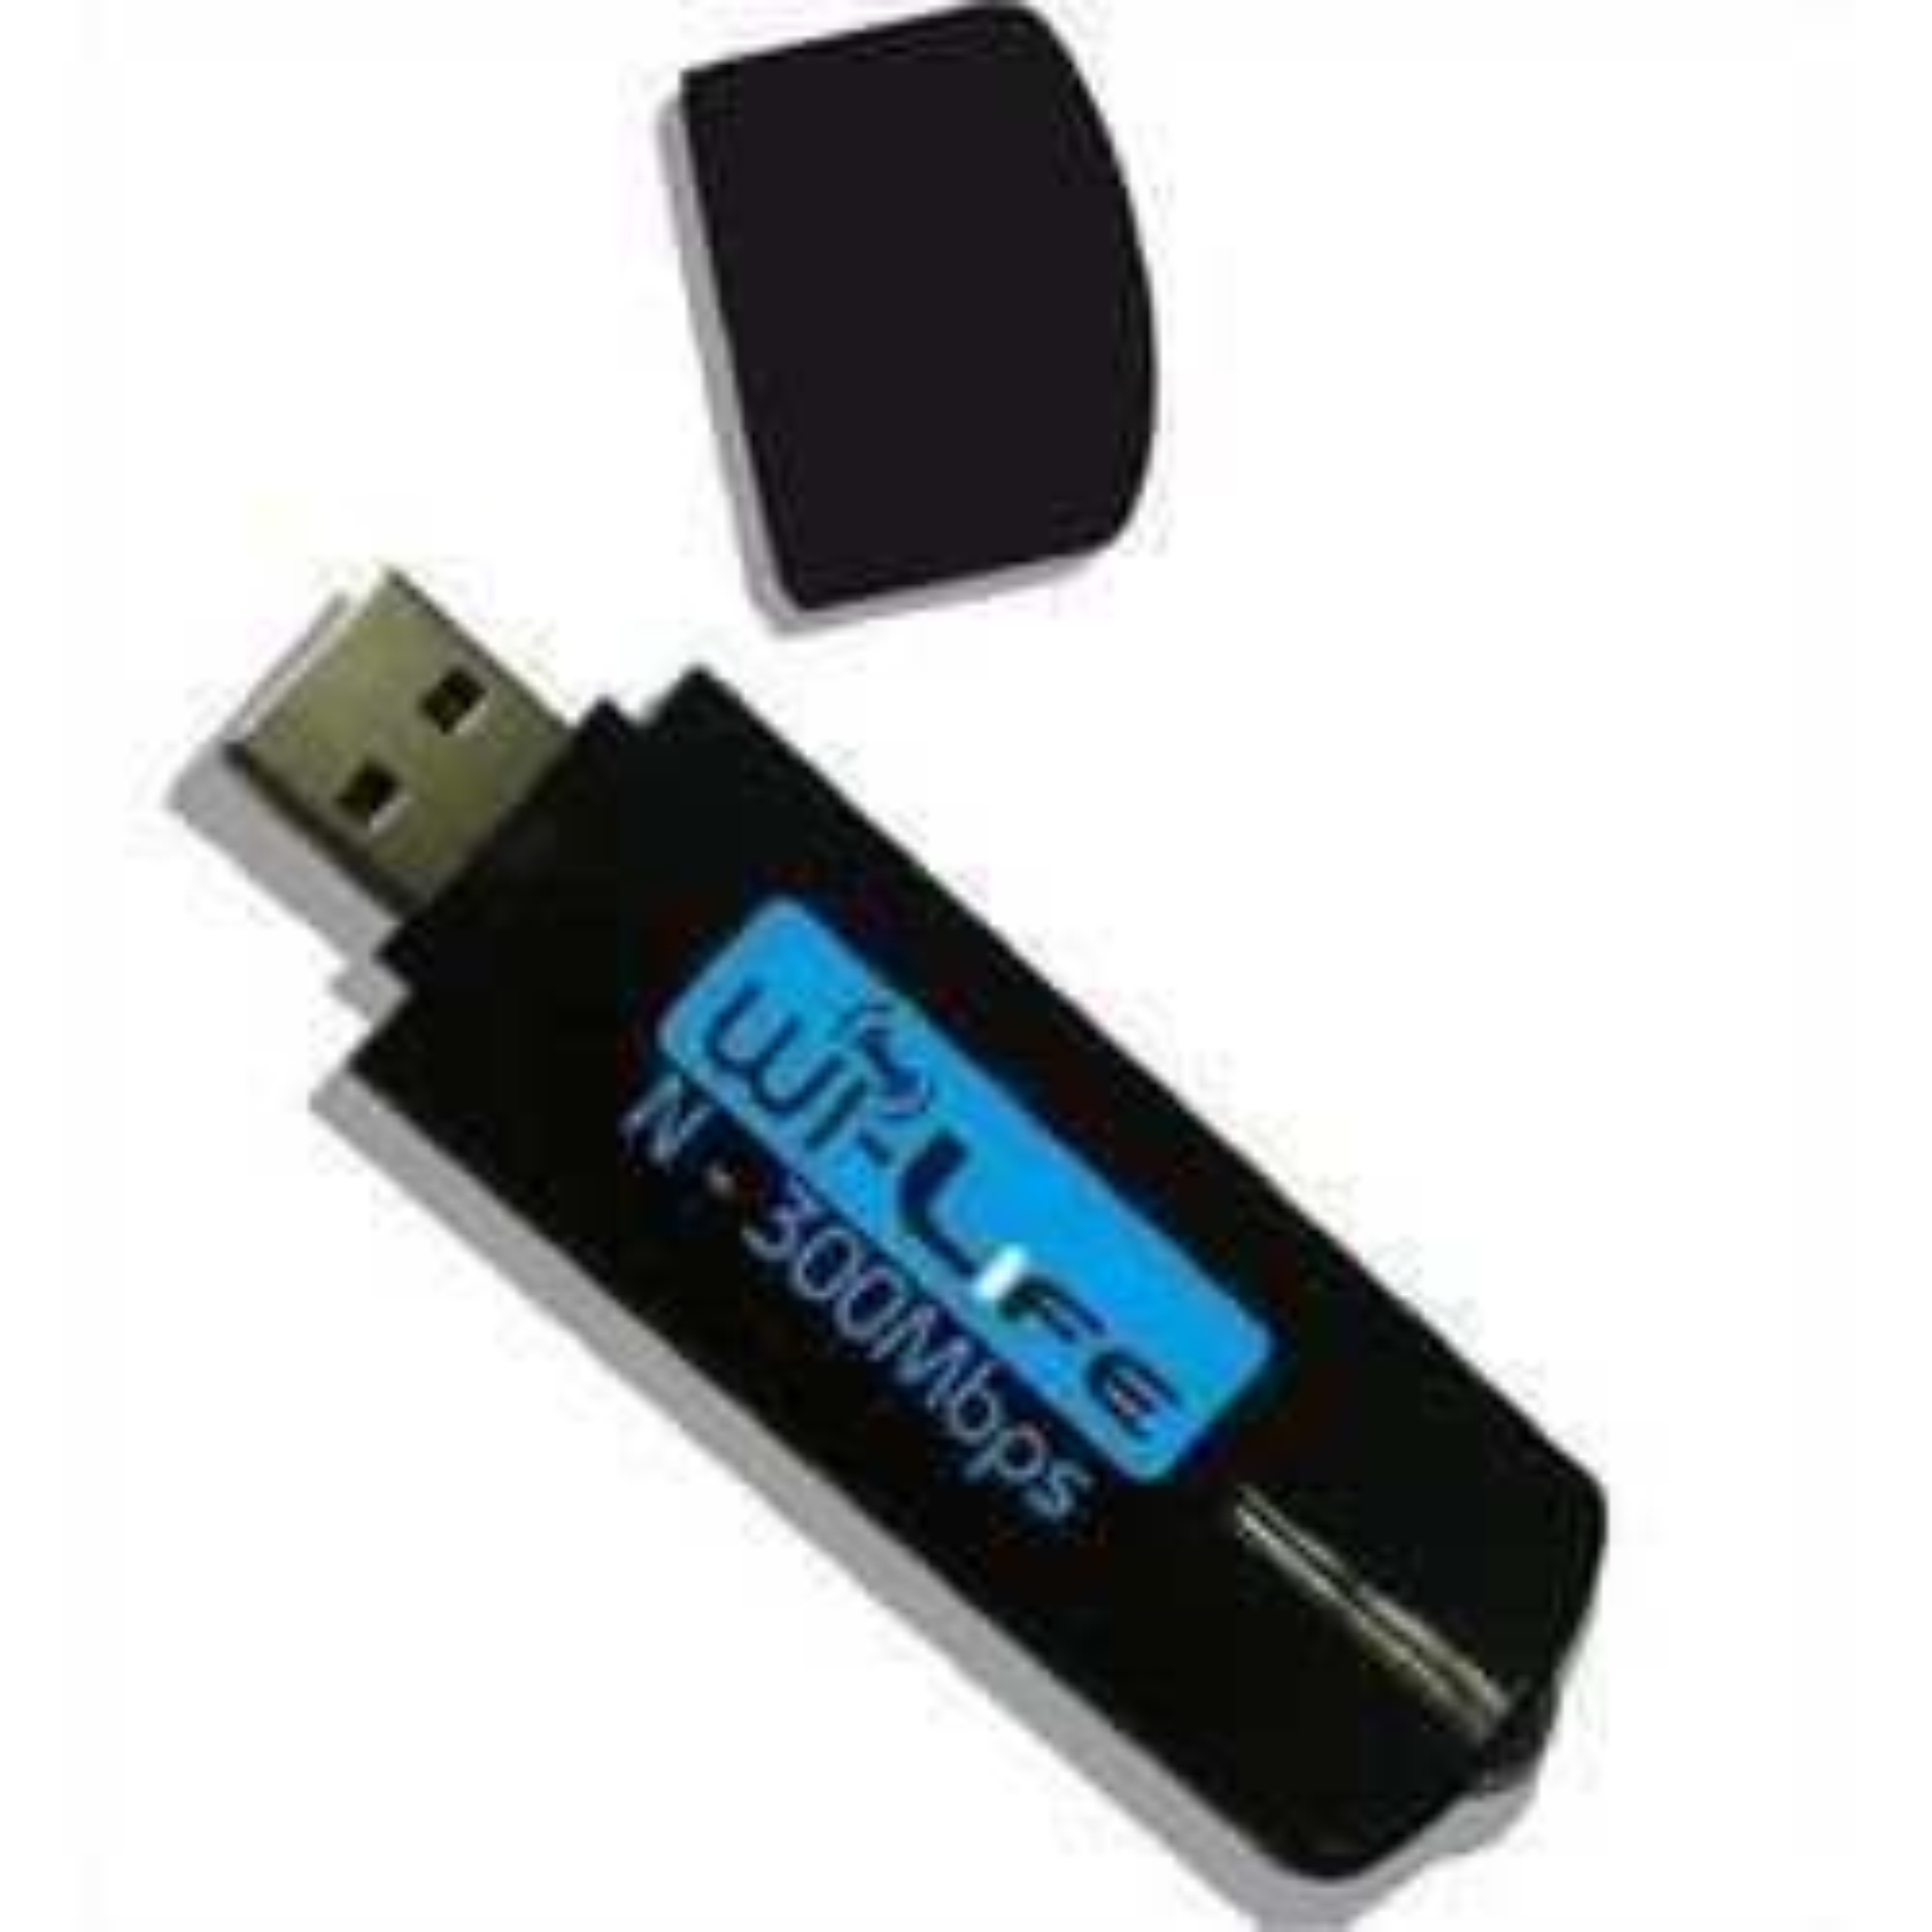 Carte_réseau_sans_fil - Clé USB Wifi N 300 Mbps